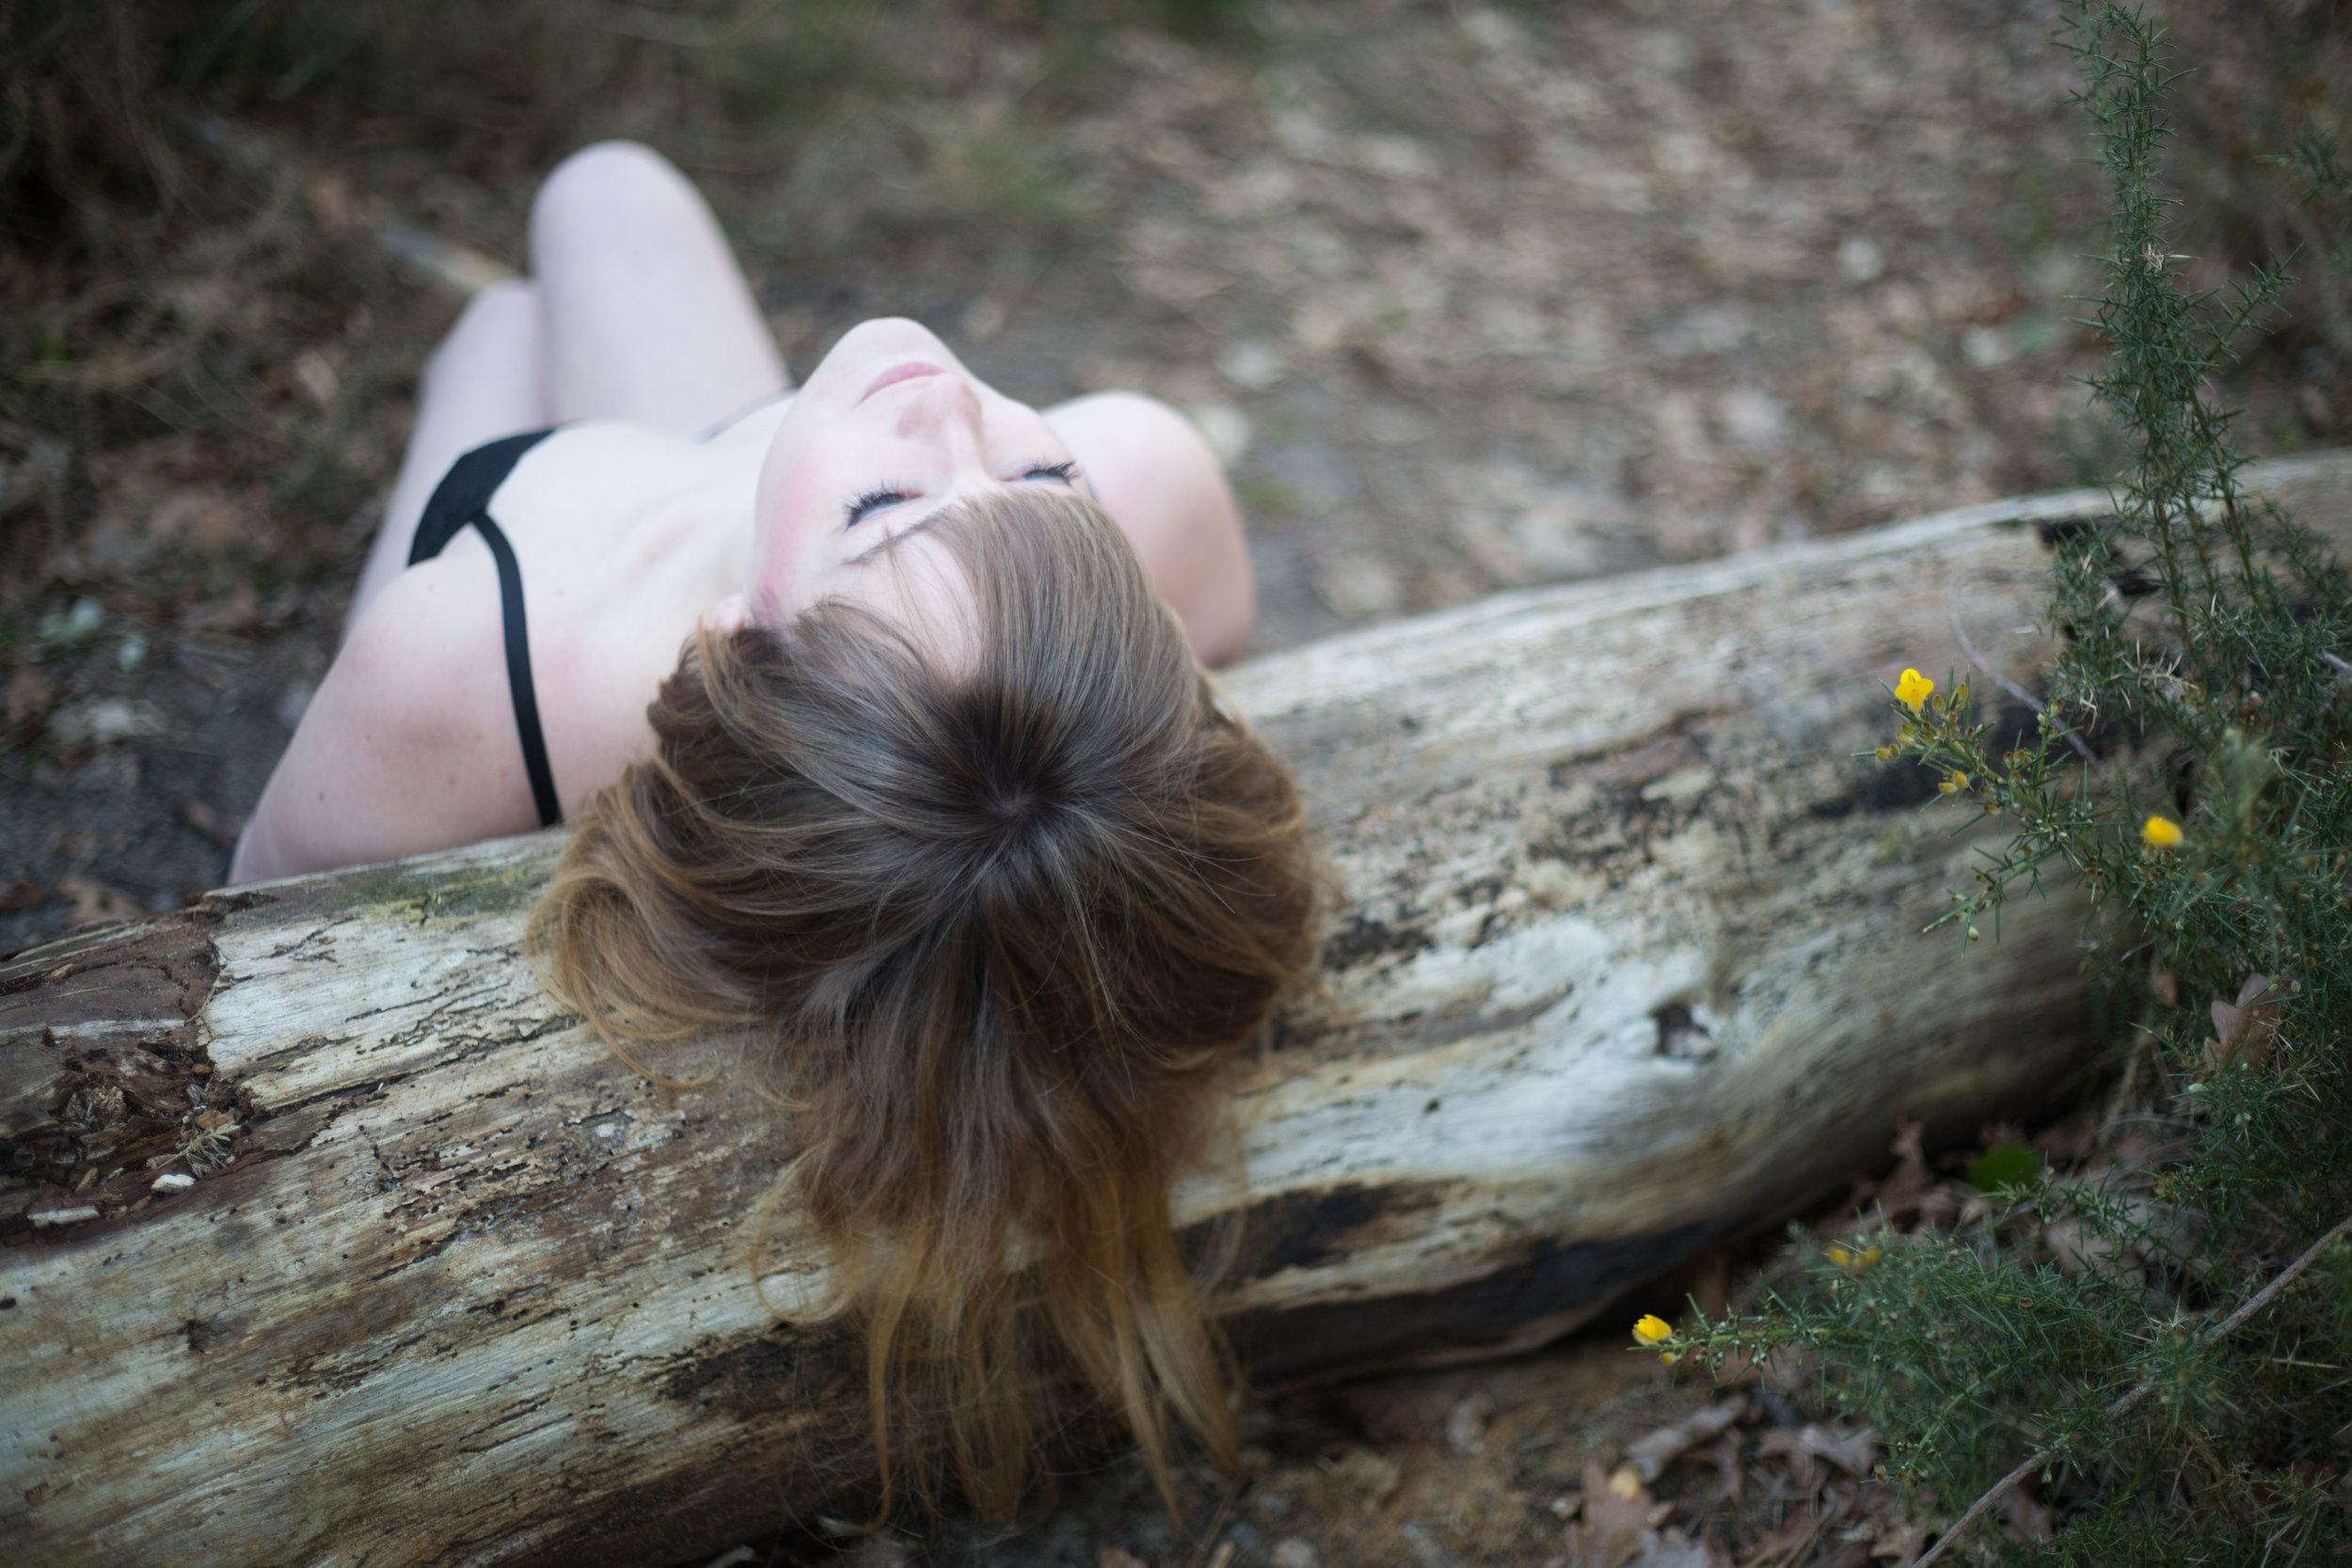 seance love&be photographe bordeaux dordogne portrait lingerie nature pauline maroussia p